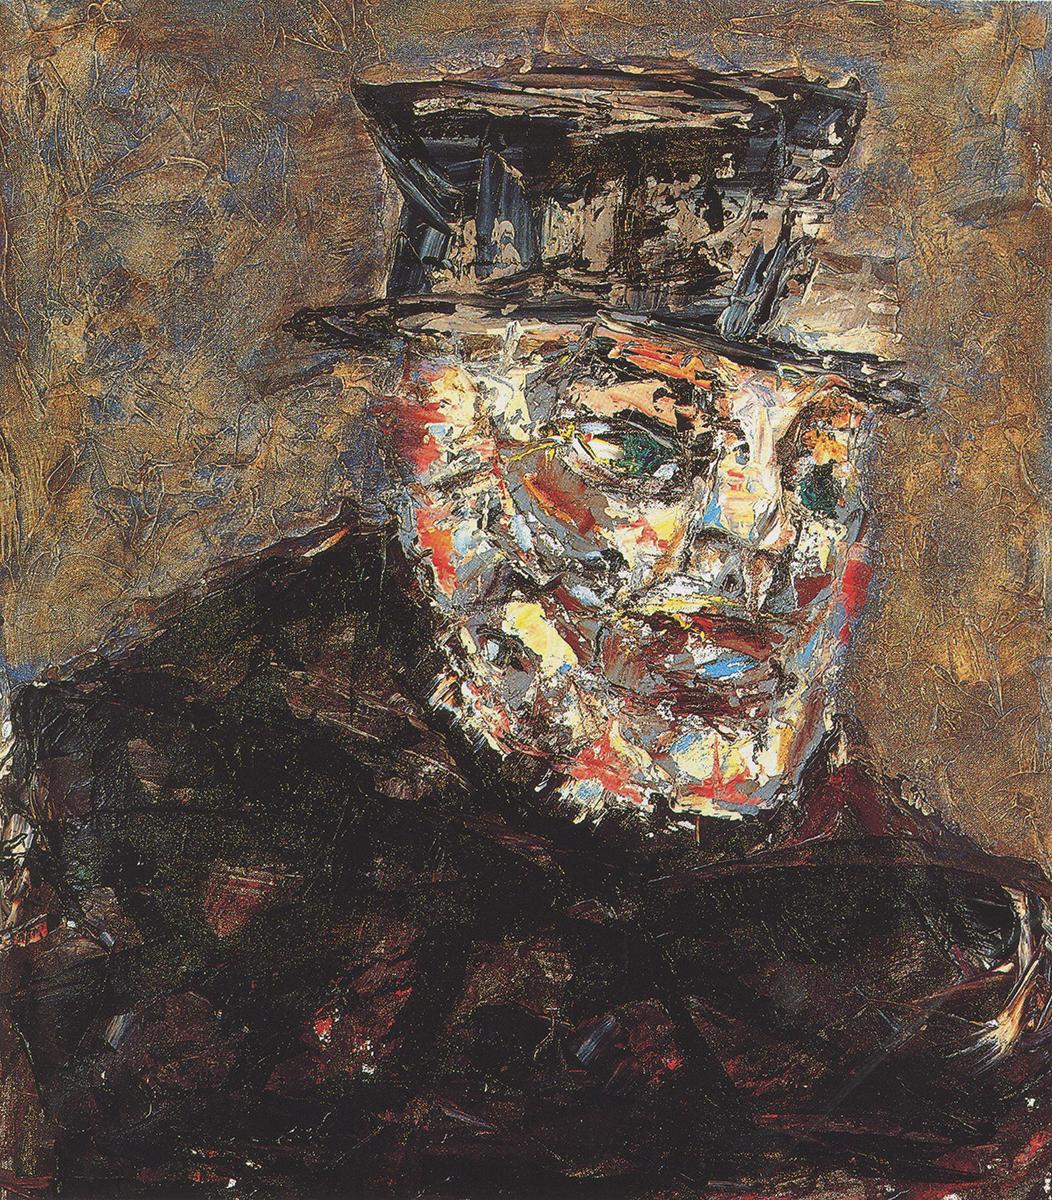 Figure 14. Untitled, 1992